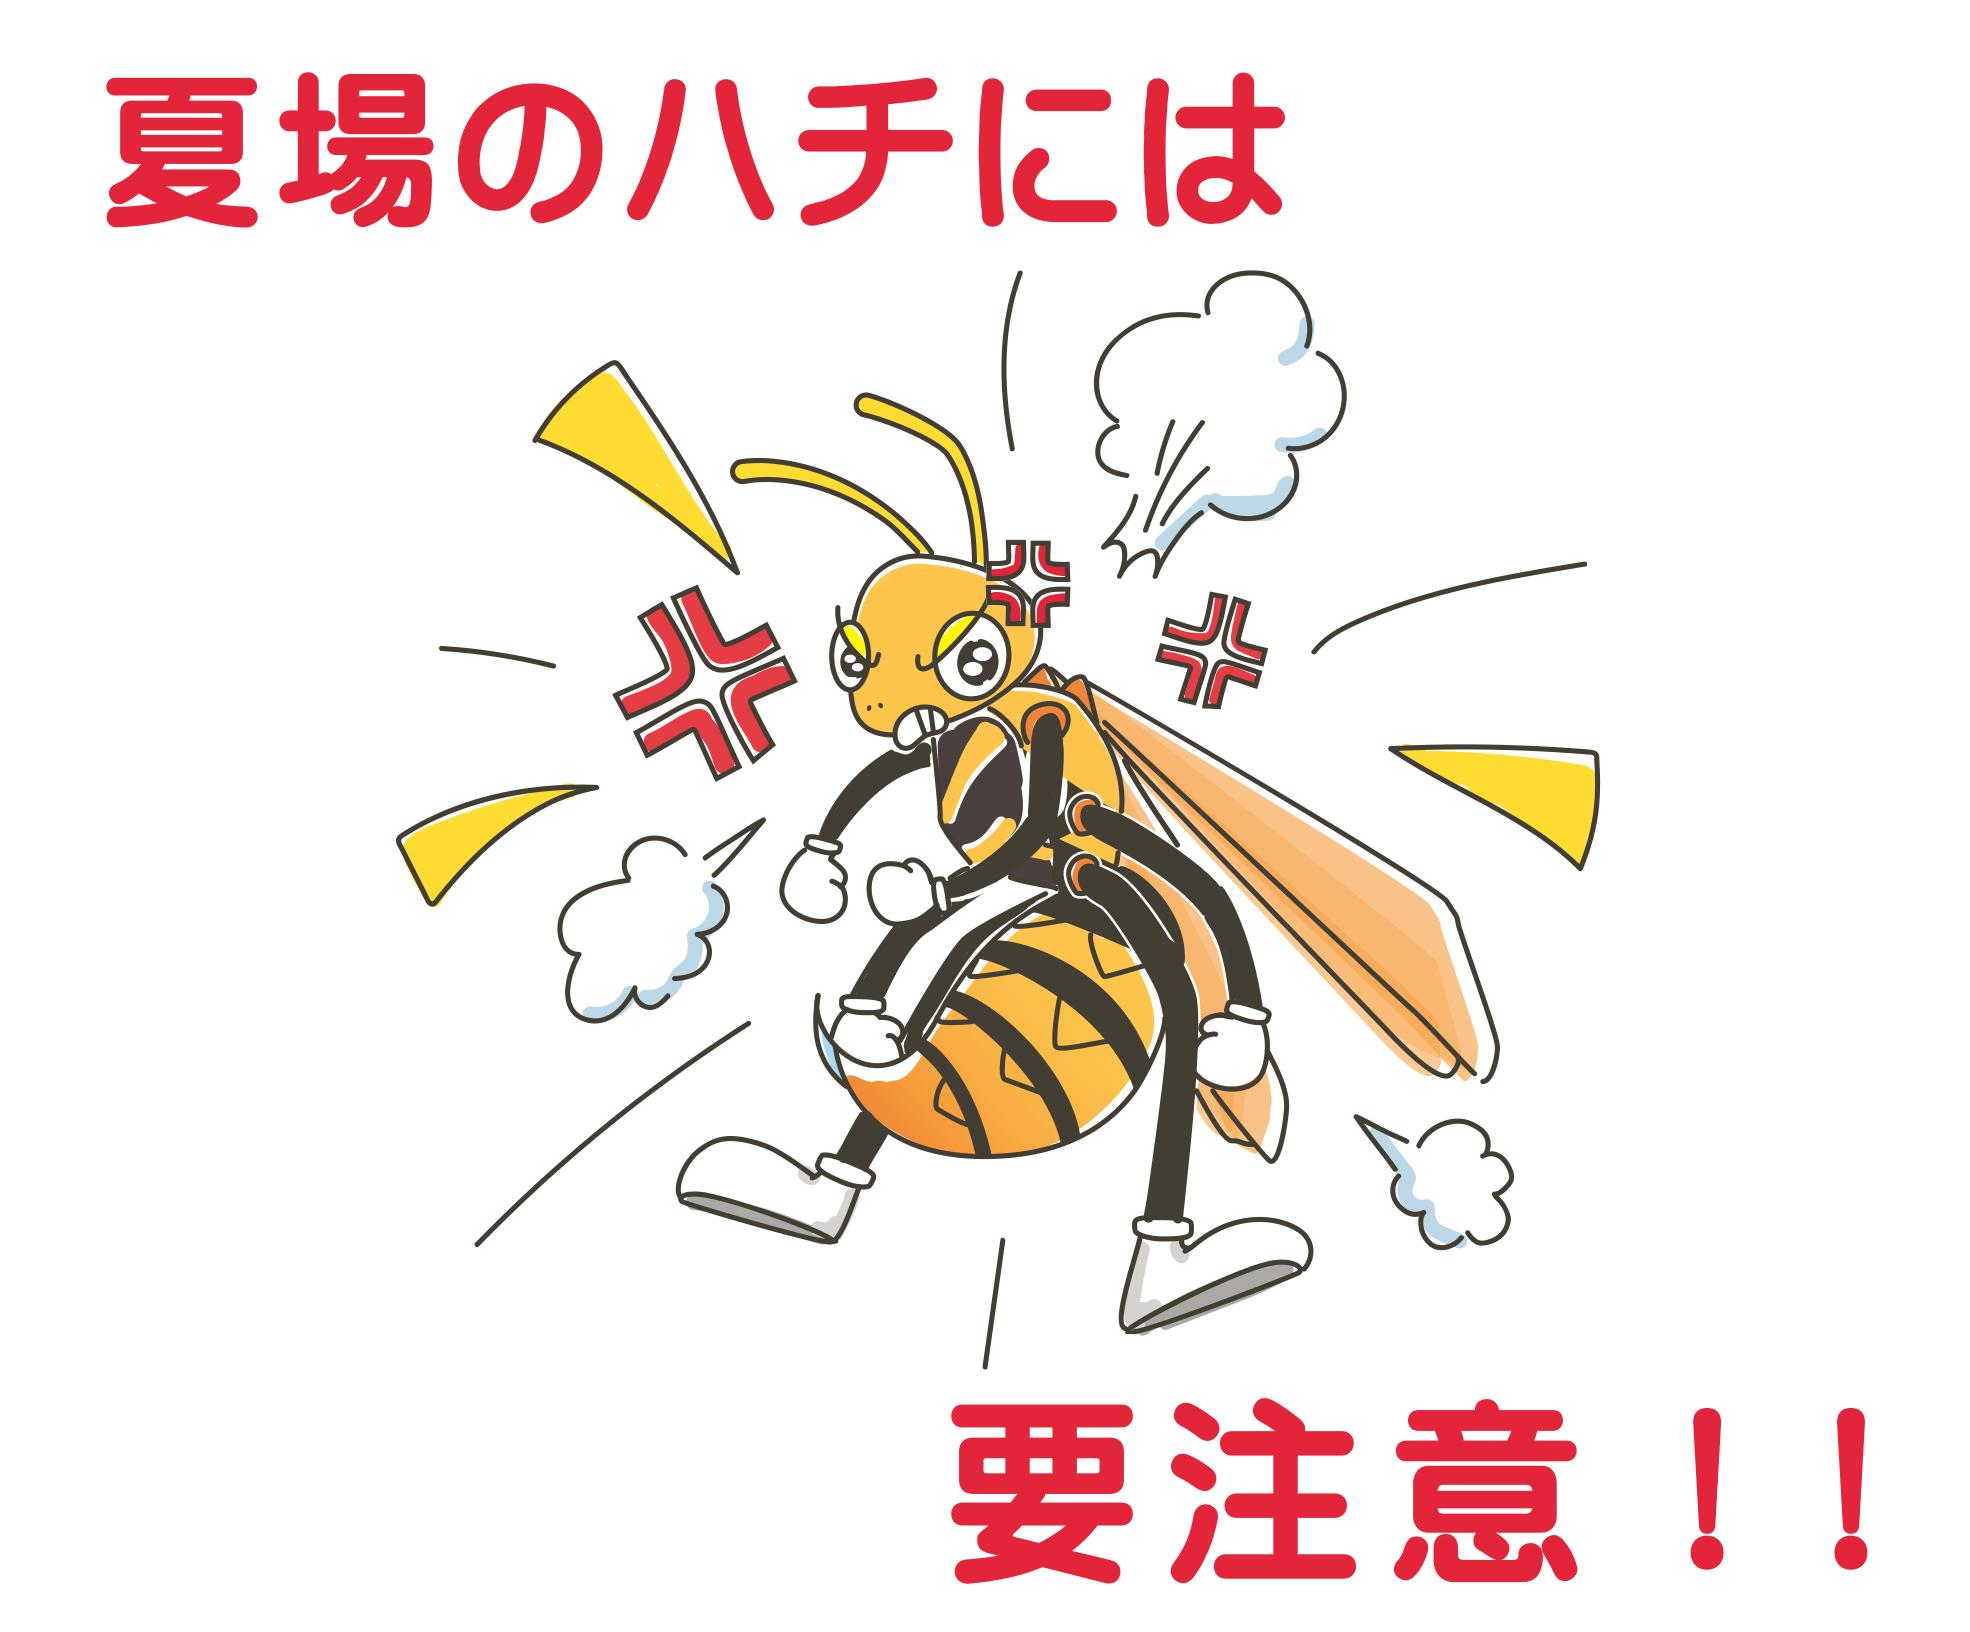 夏場のハチに要注意!! 攻撃性の高い時期は特に気を付けましょう!